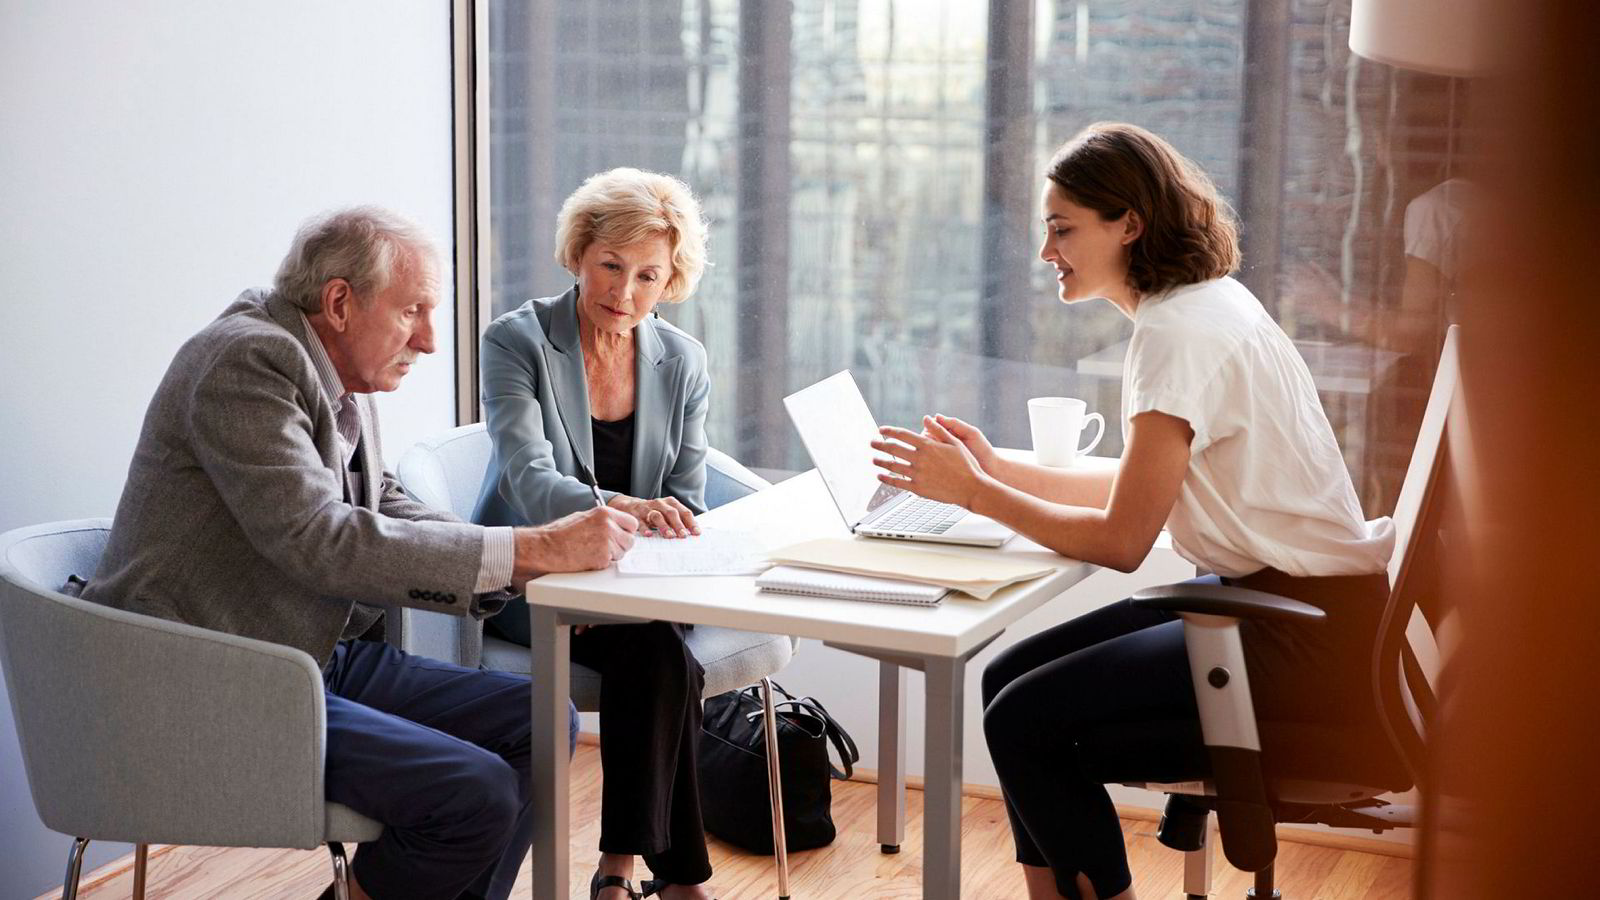 Med digitale testamenter kan det bli vanskelig å føre bevis for at andre enn testator har opprettet testamentet, eller for at testator er blitt utsatt for utilbørlig press.